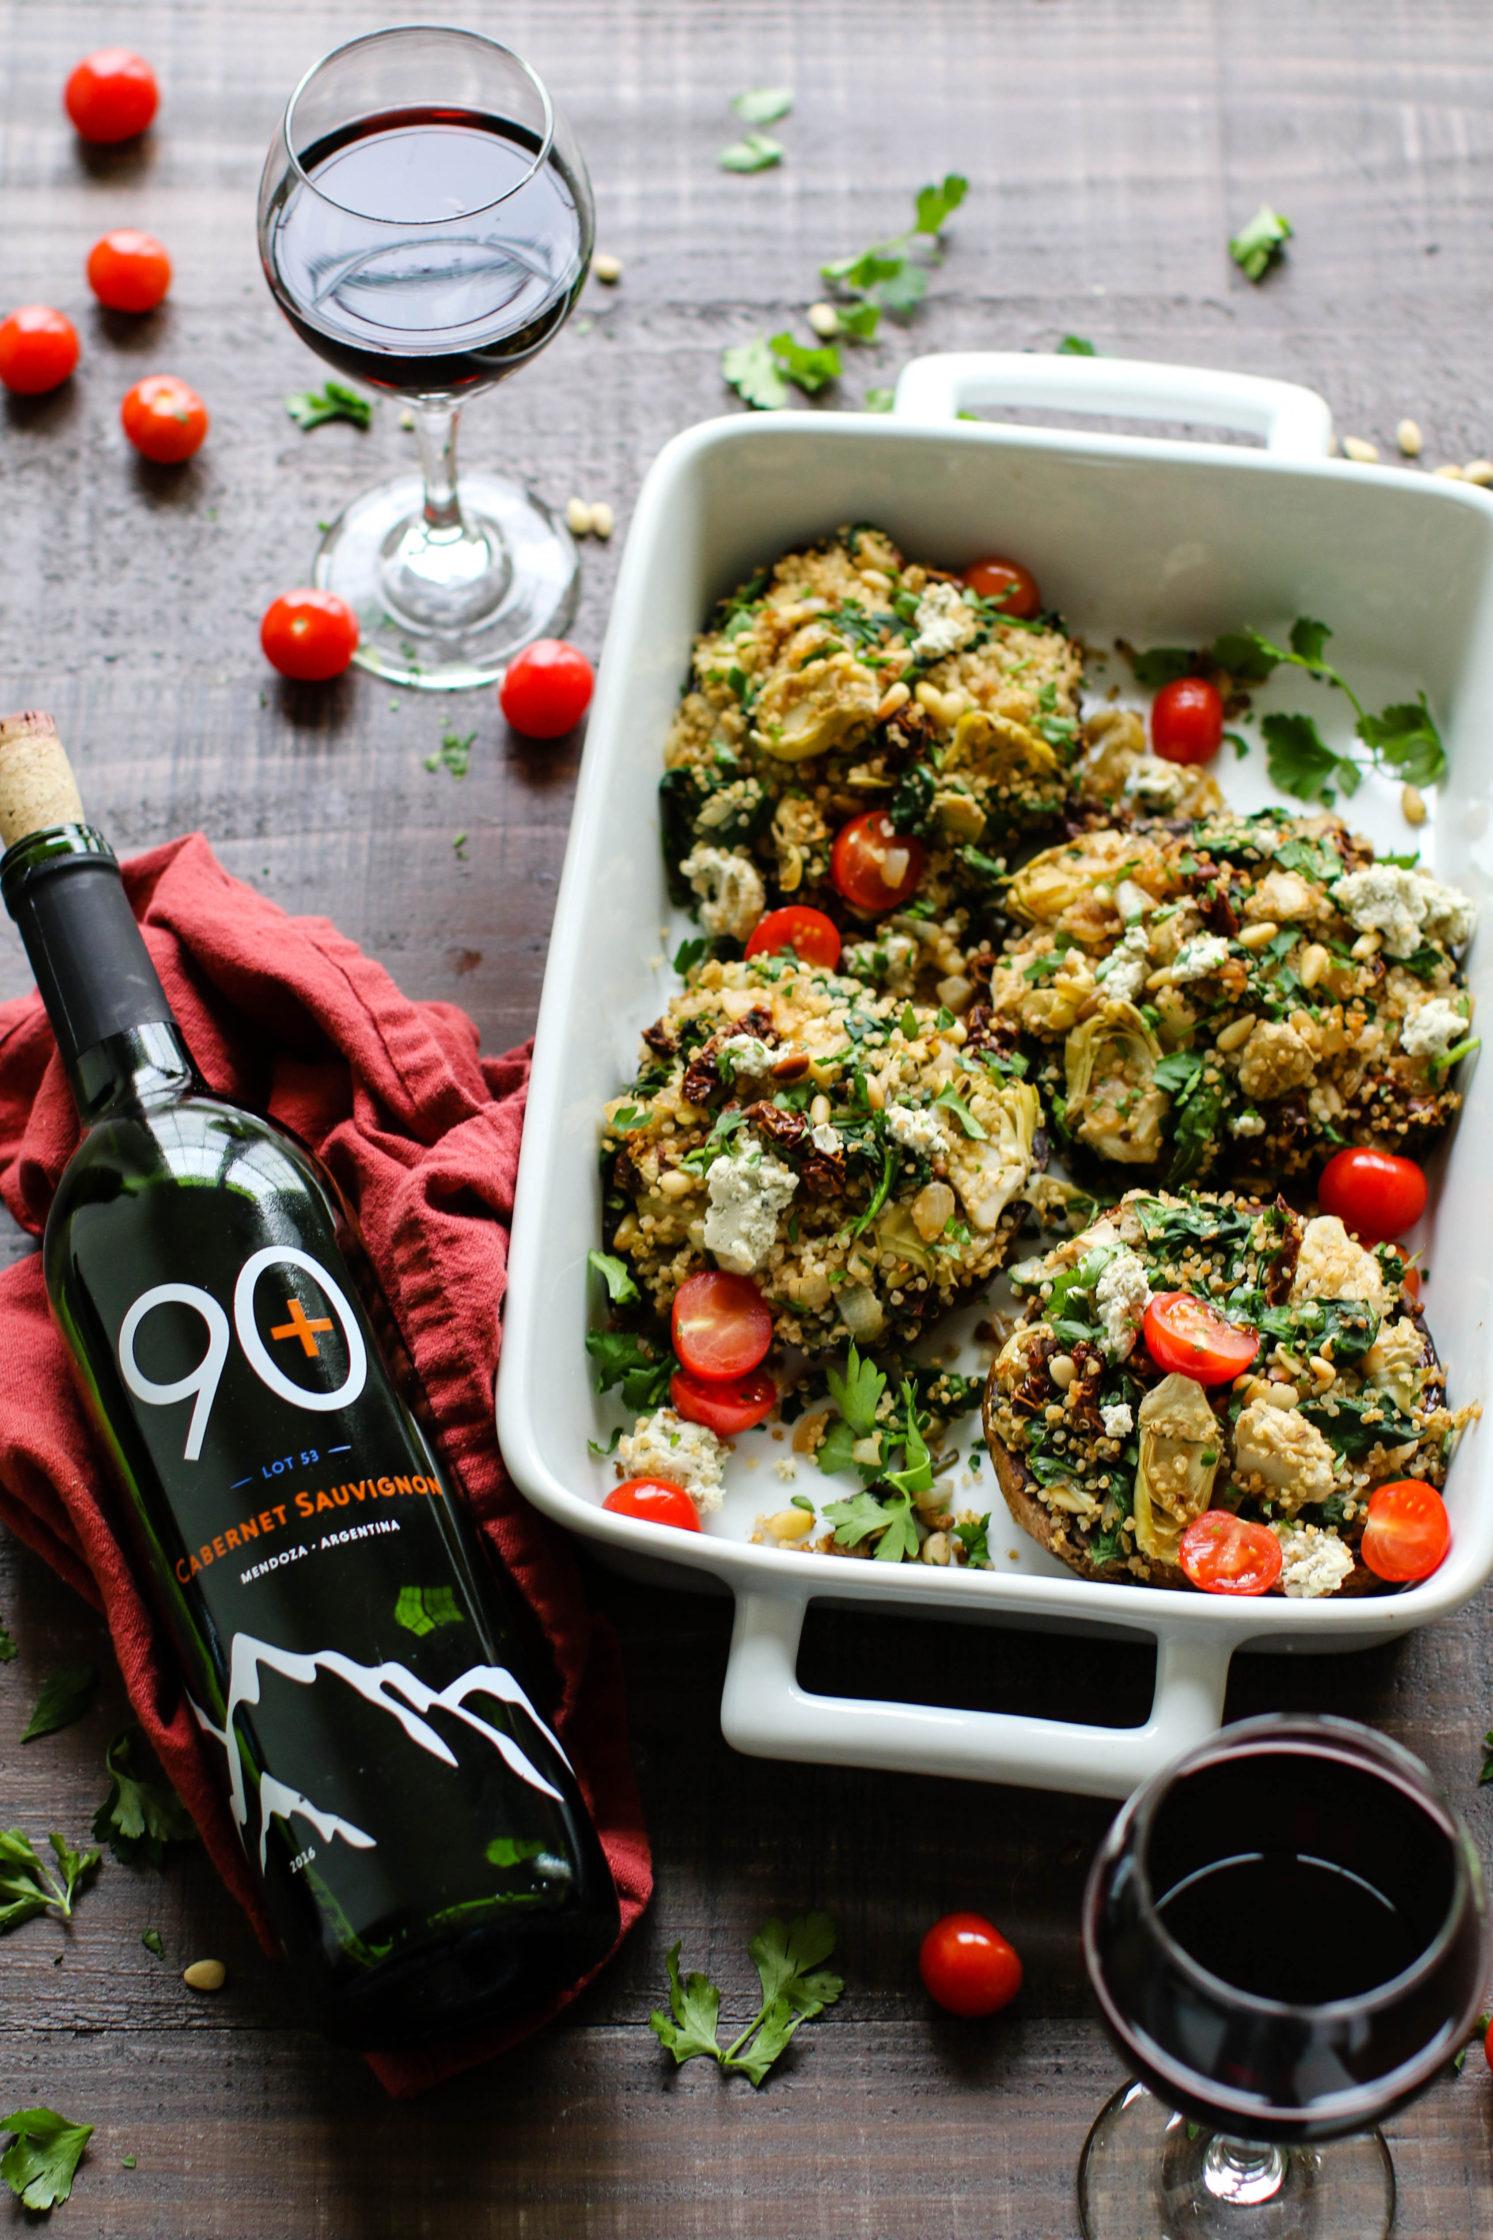 Spinach, Artichoke, & Quinoa Stuffed Portobello Mushrooms + Cabernet Sauvignon by Flora & Vino